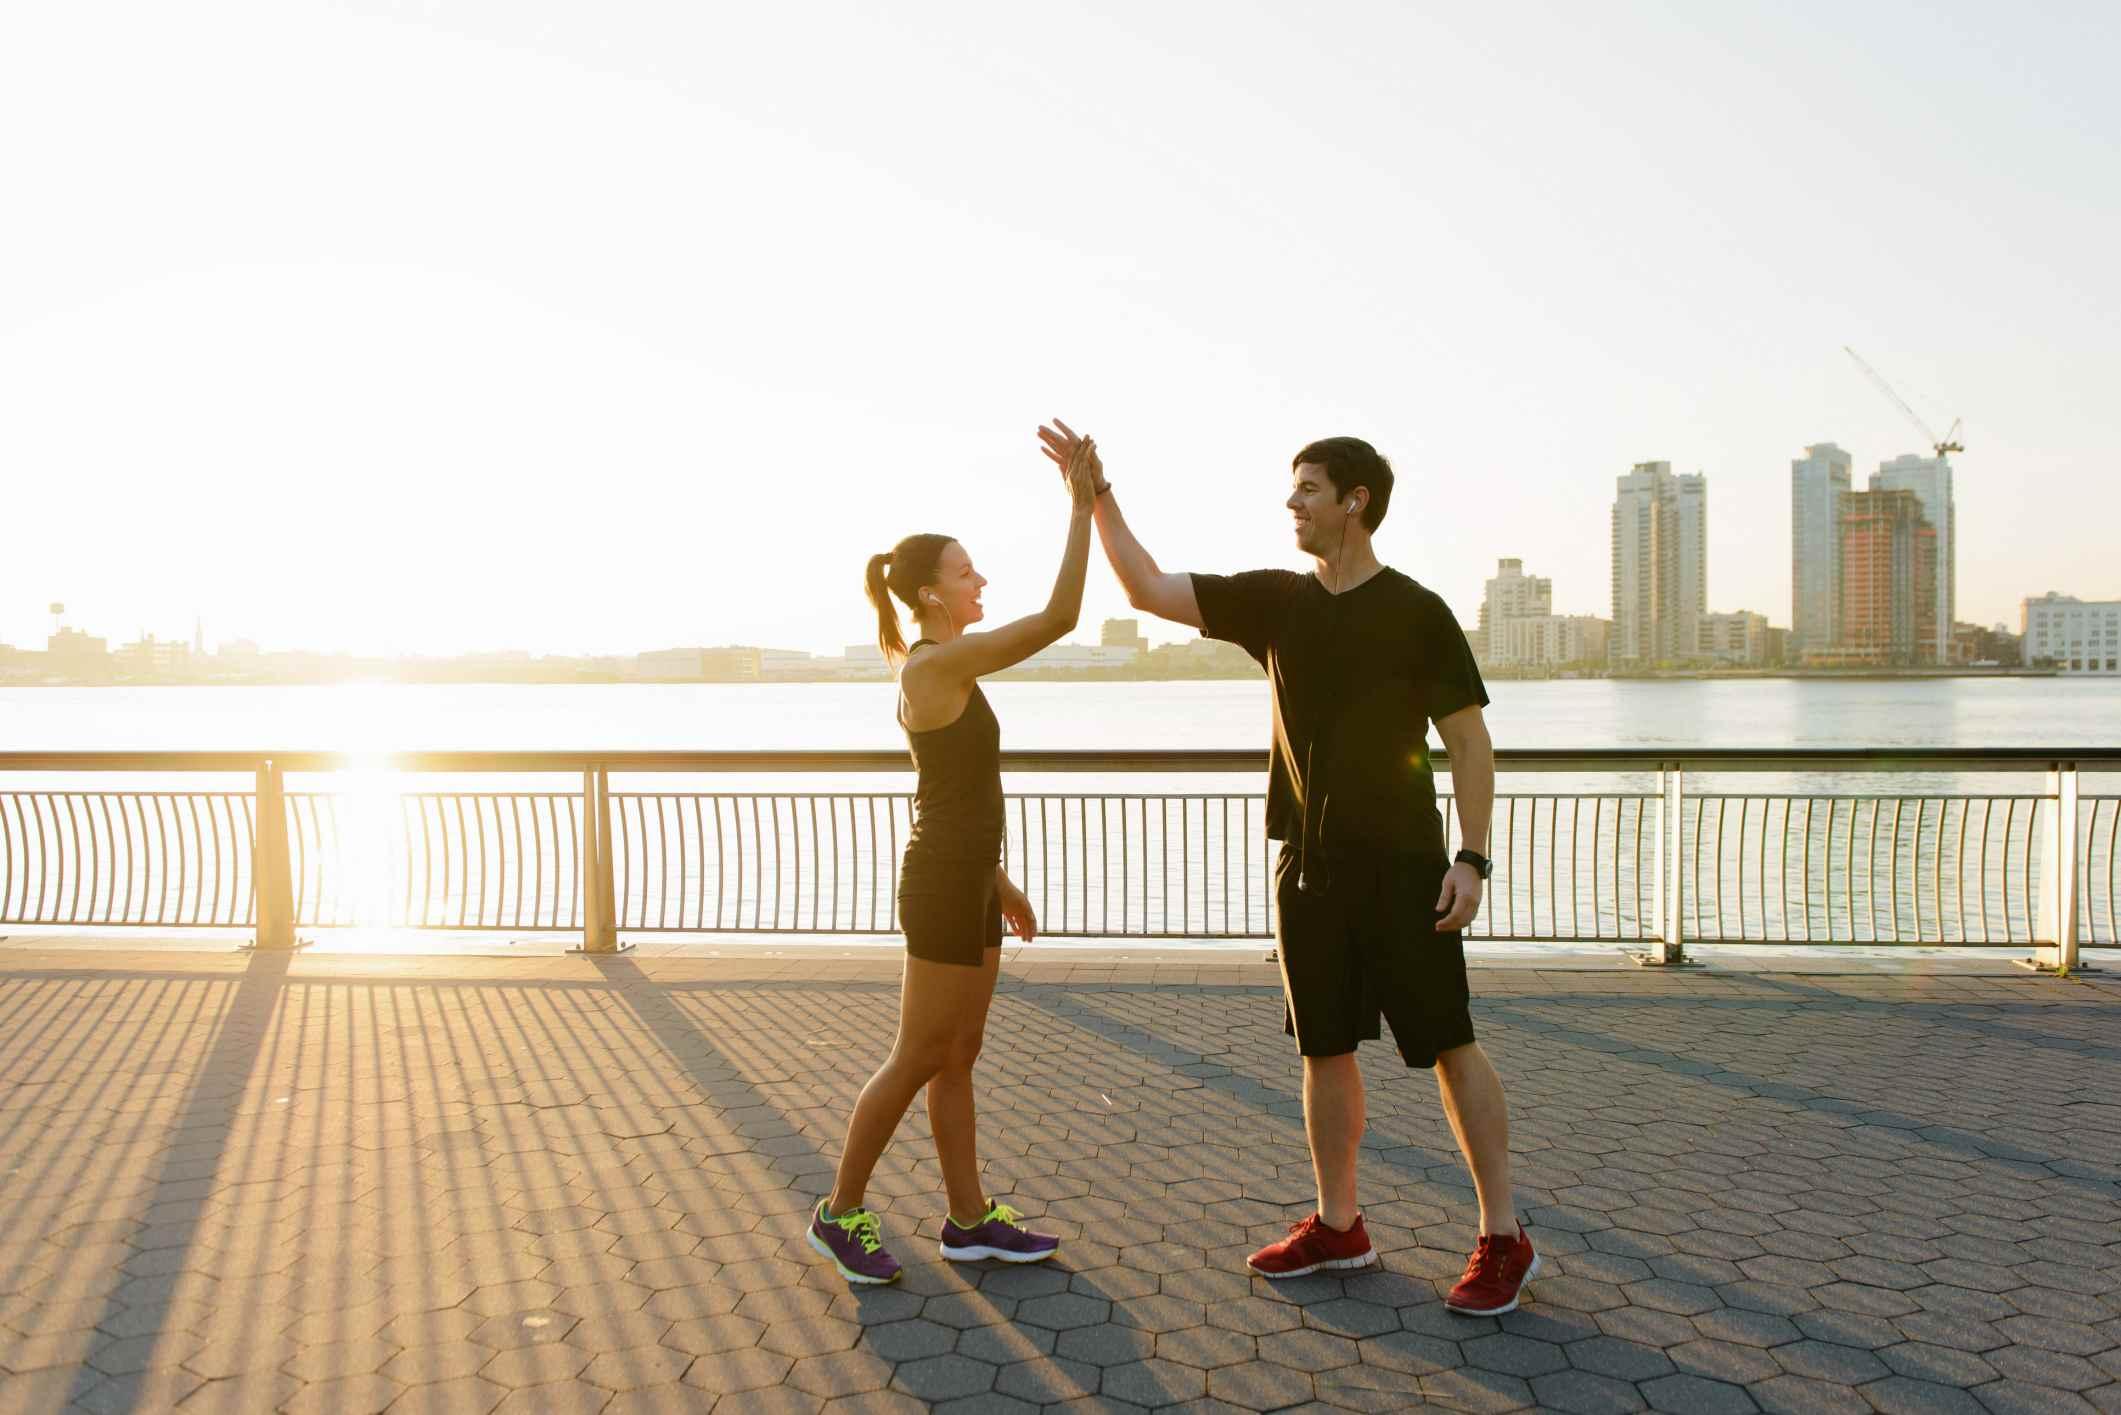 high-five-exercise-Matt-Dutile.jpg